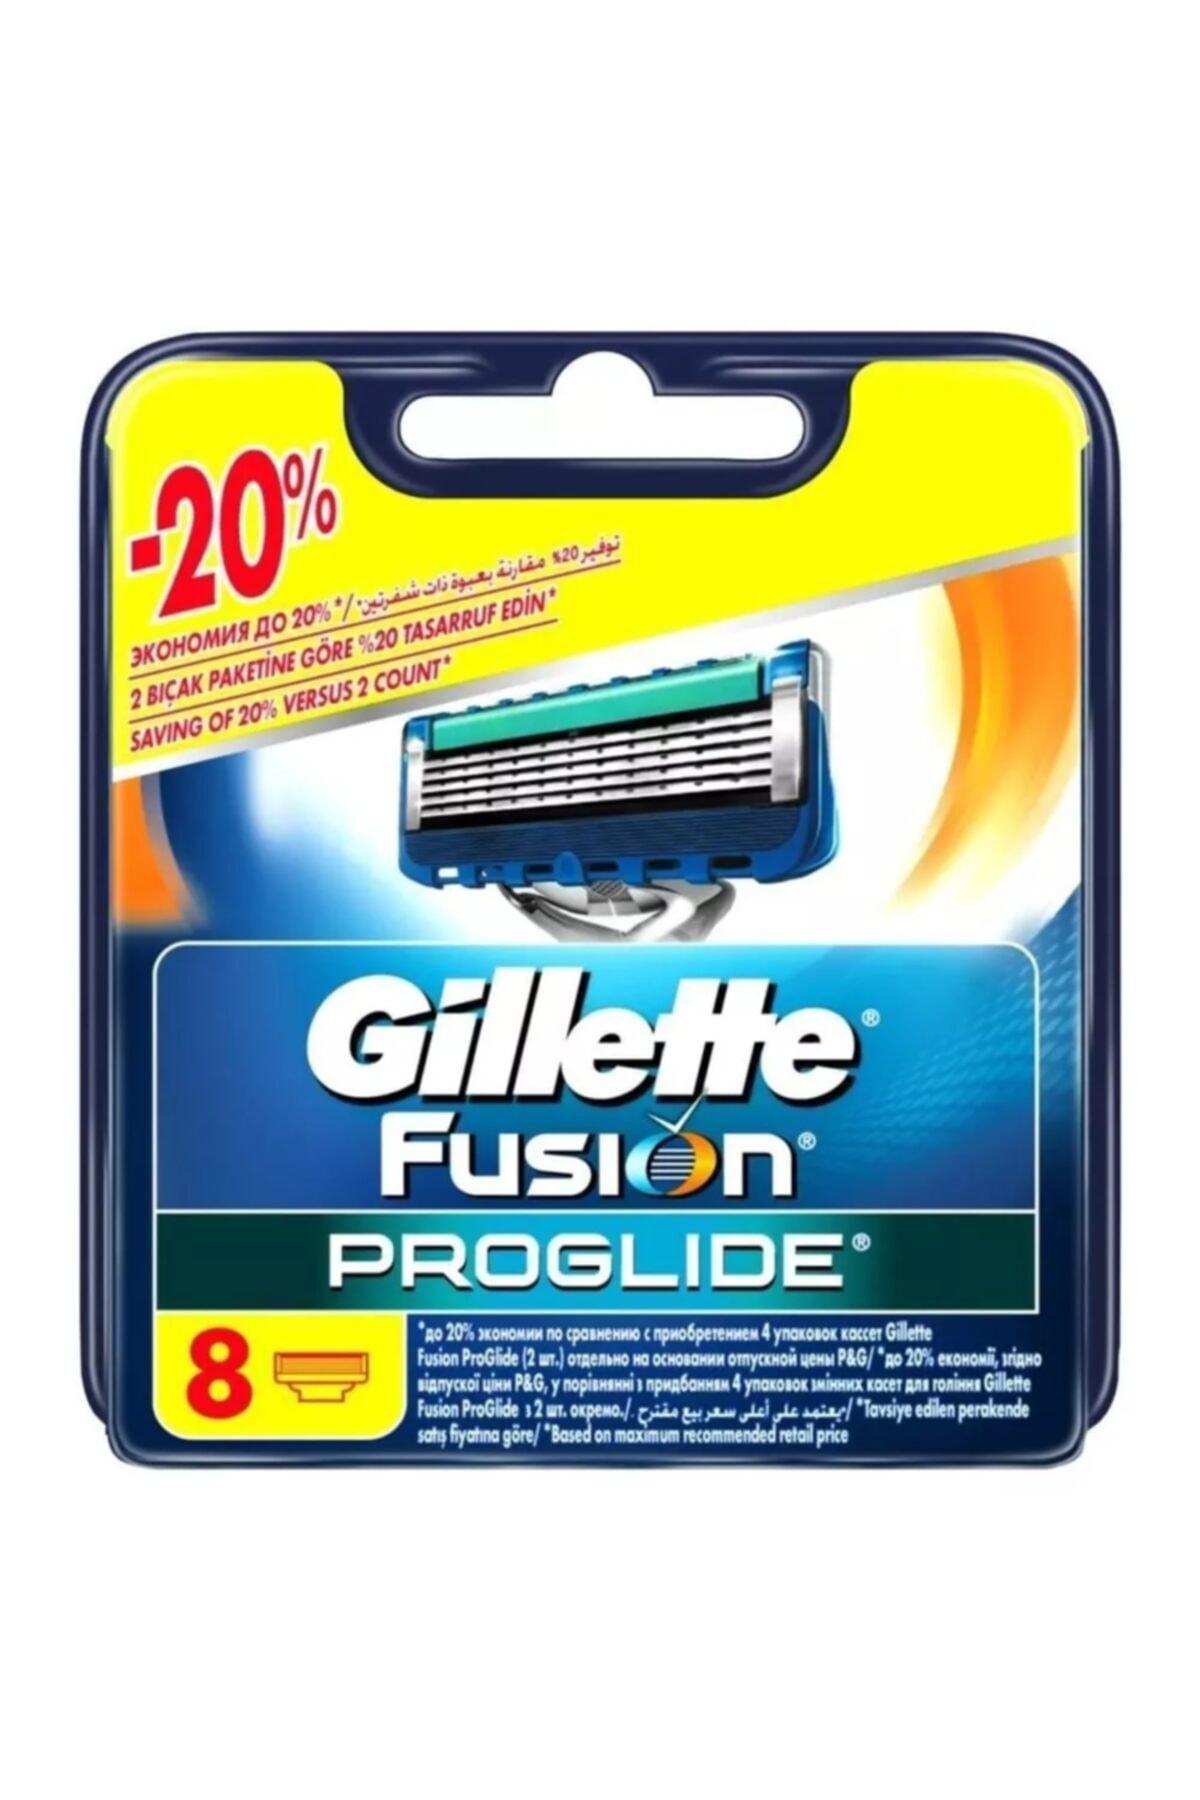 Gillette Fusion Proglide Yedek Tıraş Bıçağı - 8'li 1